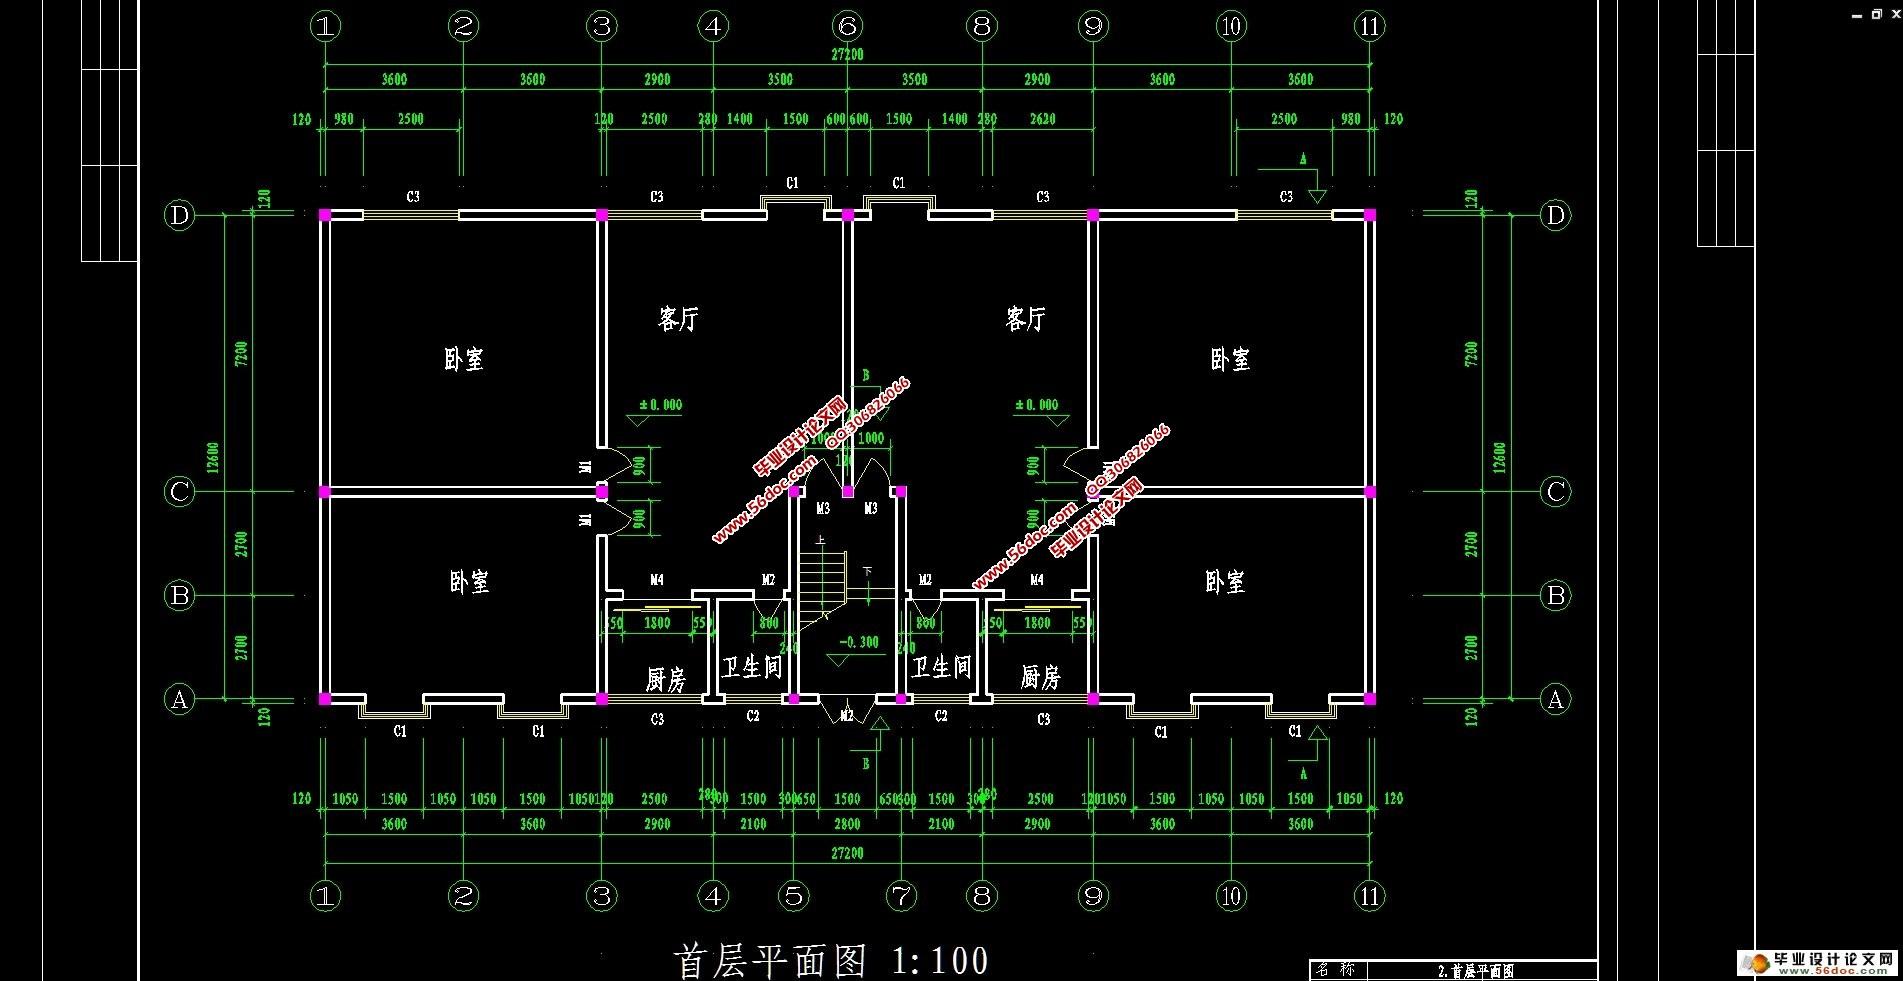 """十层3427平米珠海钢结构高层住宅设计(建筑图,结构图)(计算书20000字,建筑图7张,结构图25张) 本文阐述了珠海某地区的一栋10层高钢结构住宅-""""鑫悦花园""""的设计过程,抗震设防烈度为8级。设计内容包括建筑设计、结构体系方案选择与结构设计三部分。结构体系方案主要通过比较不同方案抗震性能确定。结构设计包括手算设计楼板以及一品框架的竖向内力作用、地震作用以及风荷载作用,配合电算进行构件截面设计、节点设计以及施工图的绘制等。此外,还提出了一些关于钢结构住宅发展的问题。 工程概况 工"""